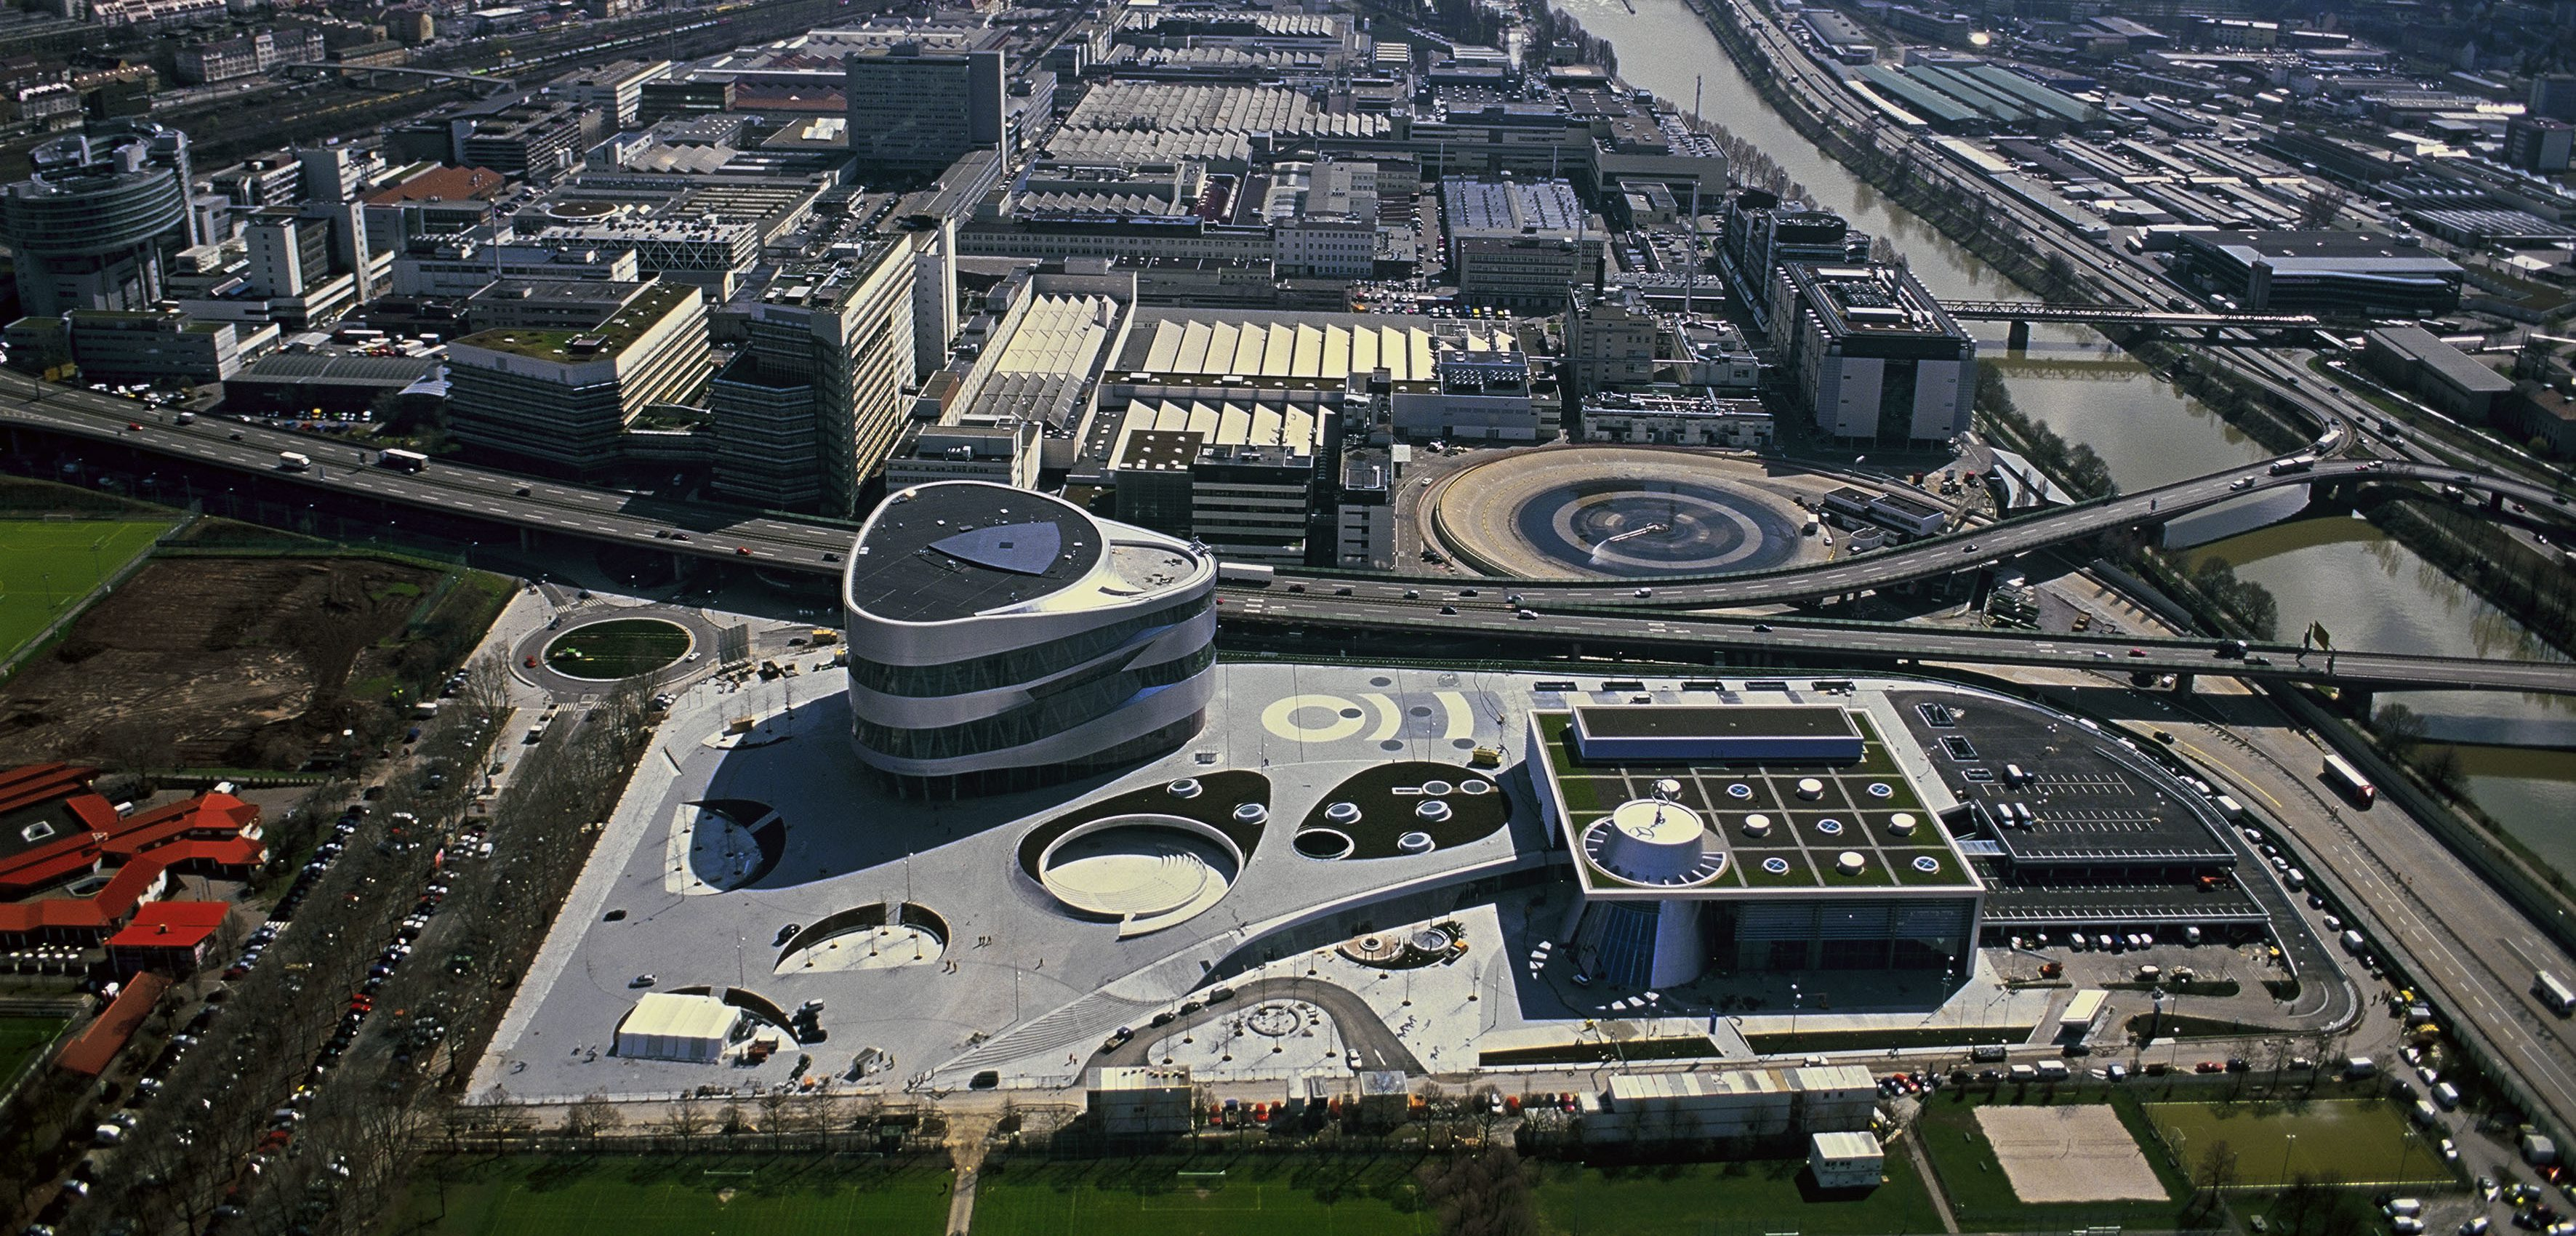 Luftbild Mercedes-Benz Werk Untertürkheim ; Aerial view oft the Mercedes-Benz plant Untertürkheim;